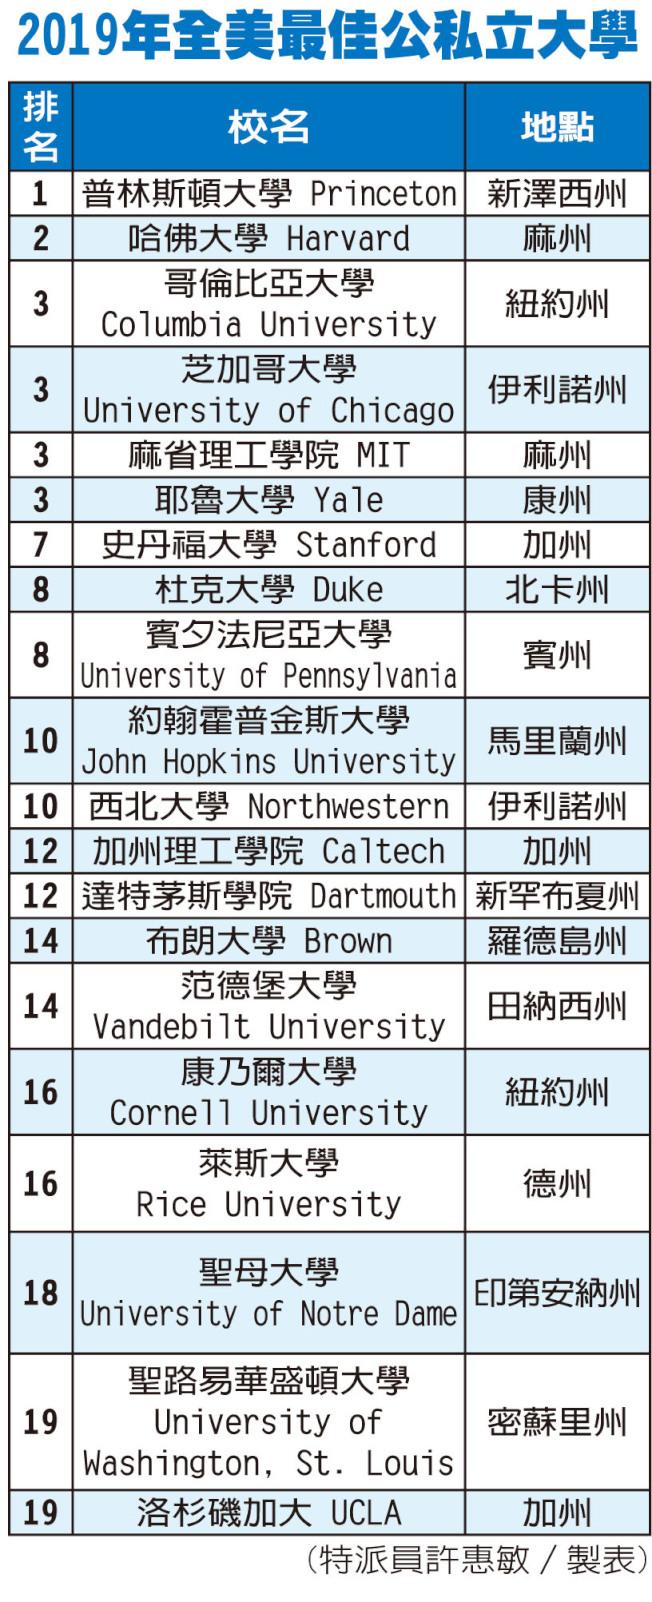 「美國新聞和世界報導」2019年度全美最佳大學排名表。